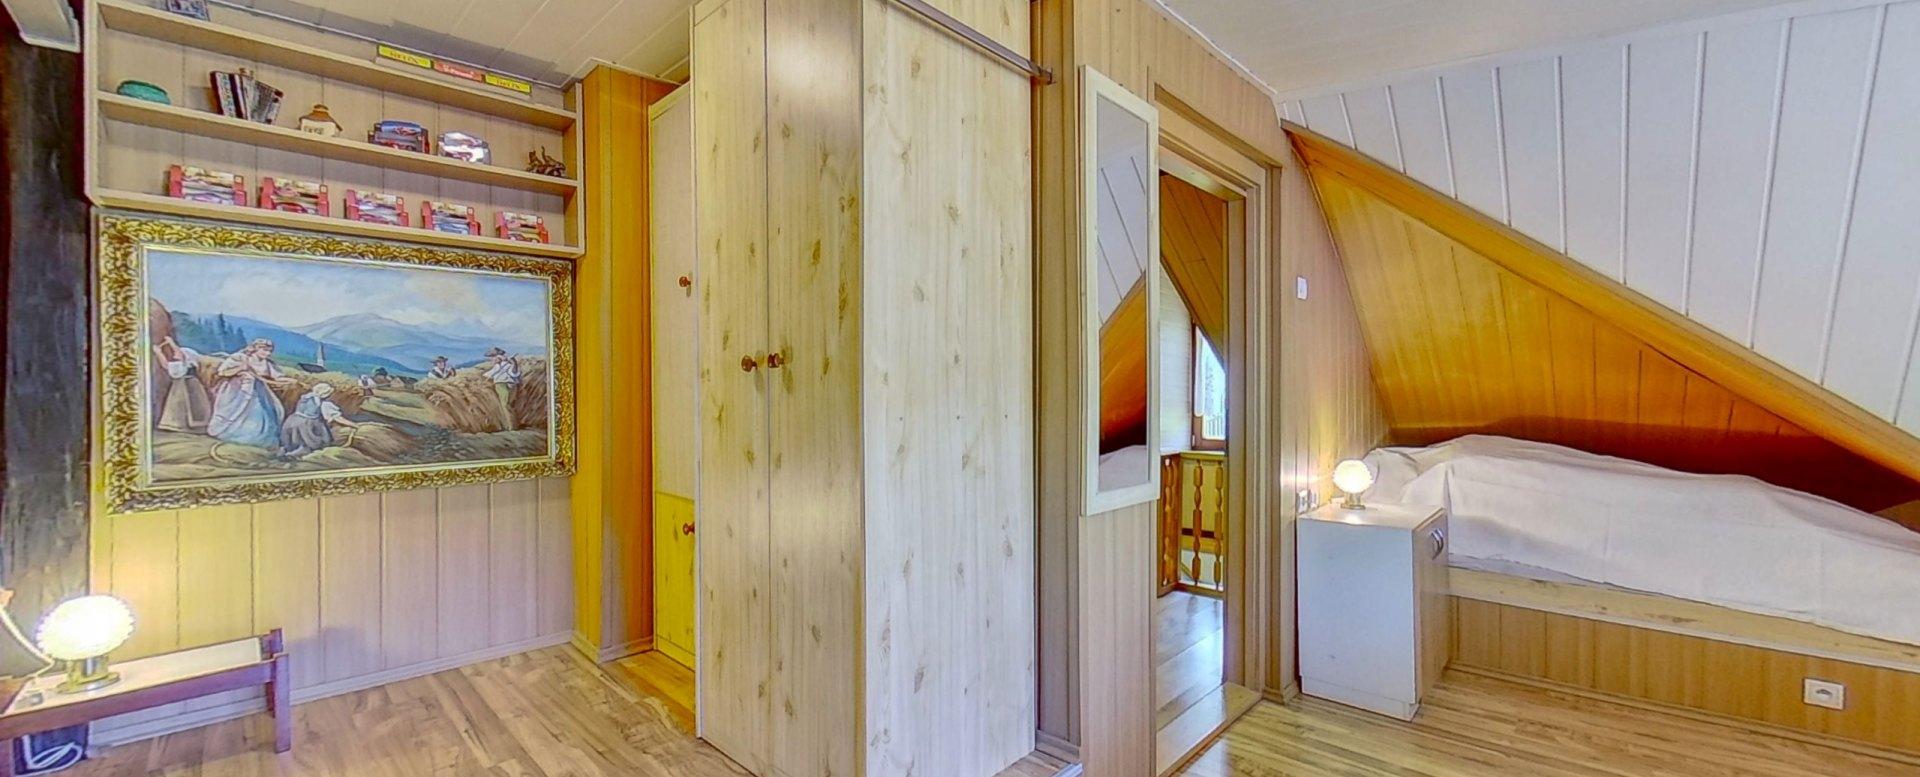 Obraz, poličky a skrine v podkrovnej izbe